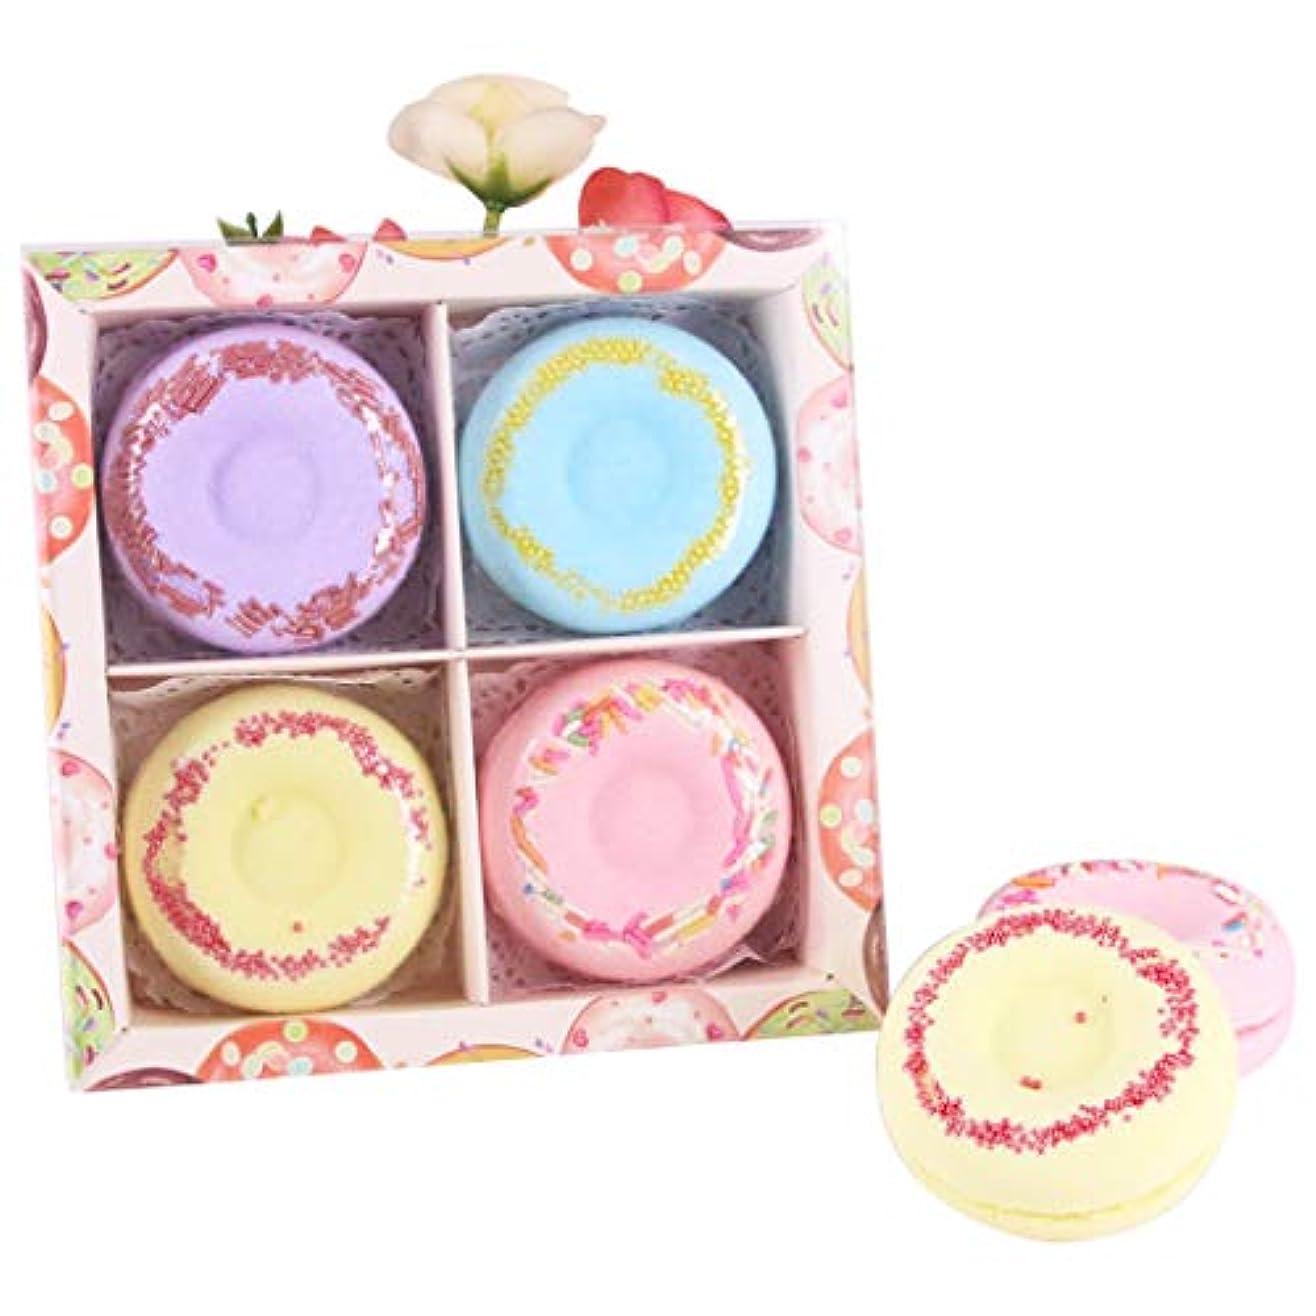 アドバンテージまっすぐ認識Funpa 4枚セット 入浴剤 入浴ボール ドーナツ型 可愛い 精油 香り残す バレンタインデー 彼女のプレゼント お風呂用